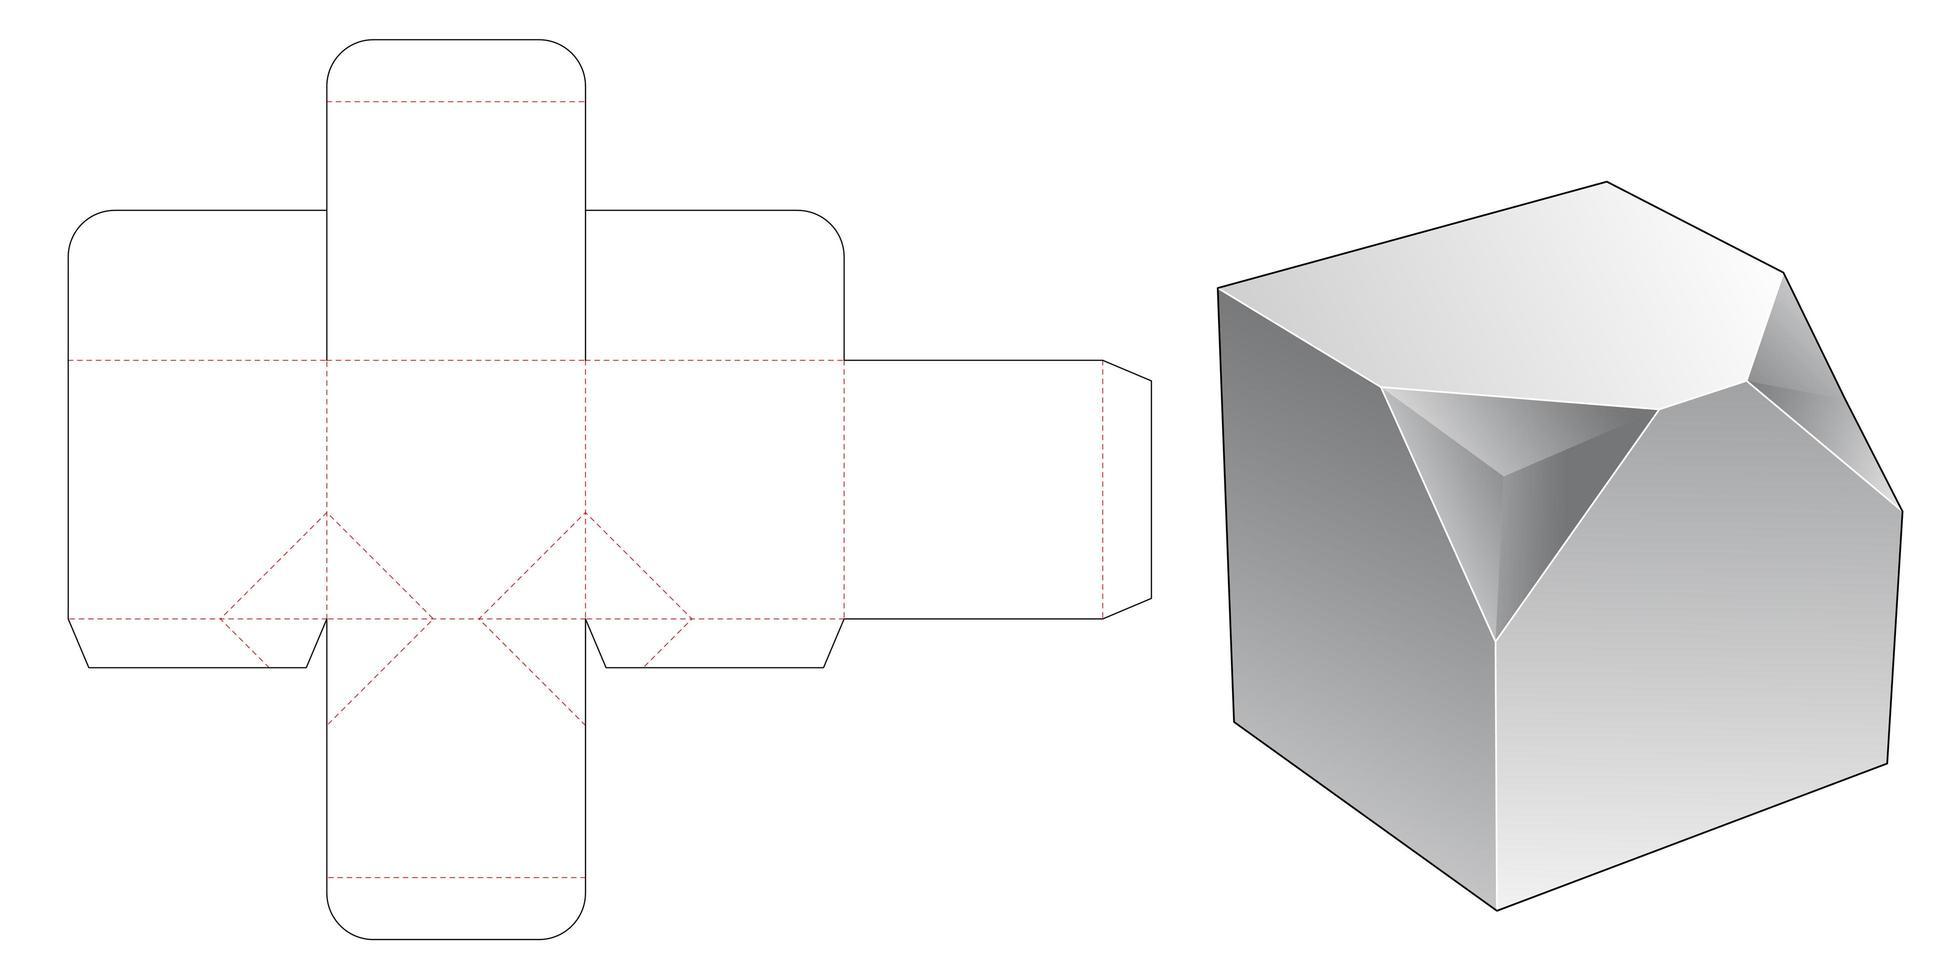 Caja cuadrada de 2 esquinas biseladas vector